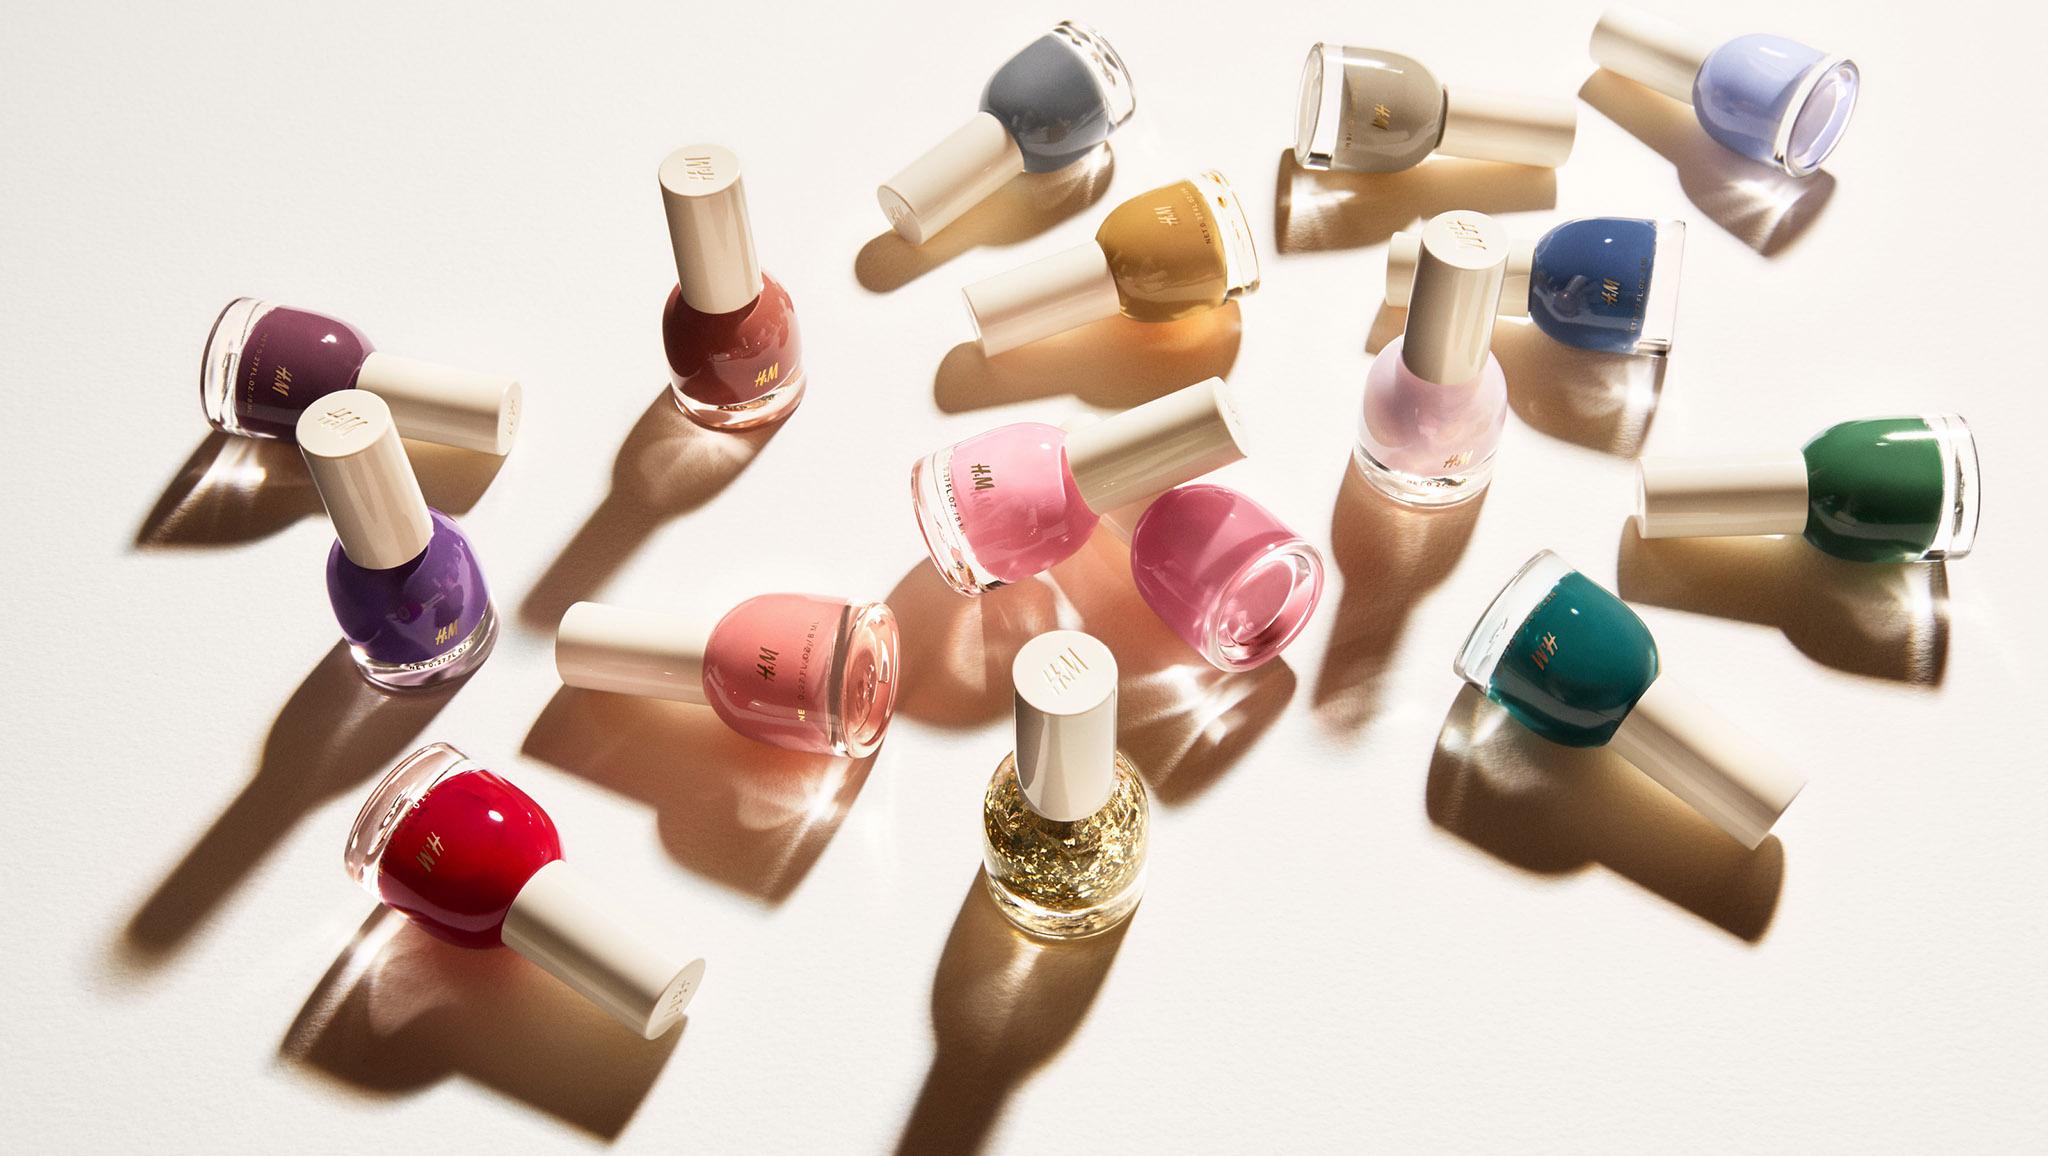 ¿Cómo es la línea de maquillaje que lanzó H&M?